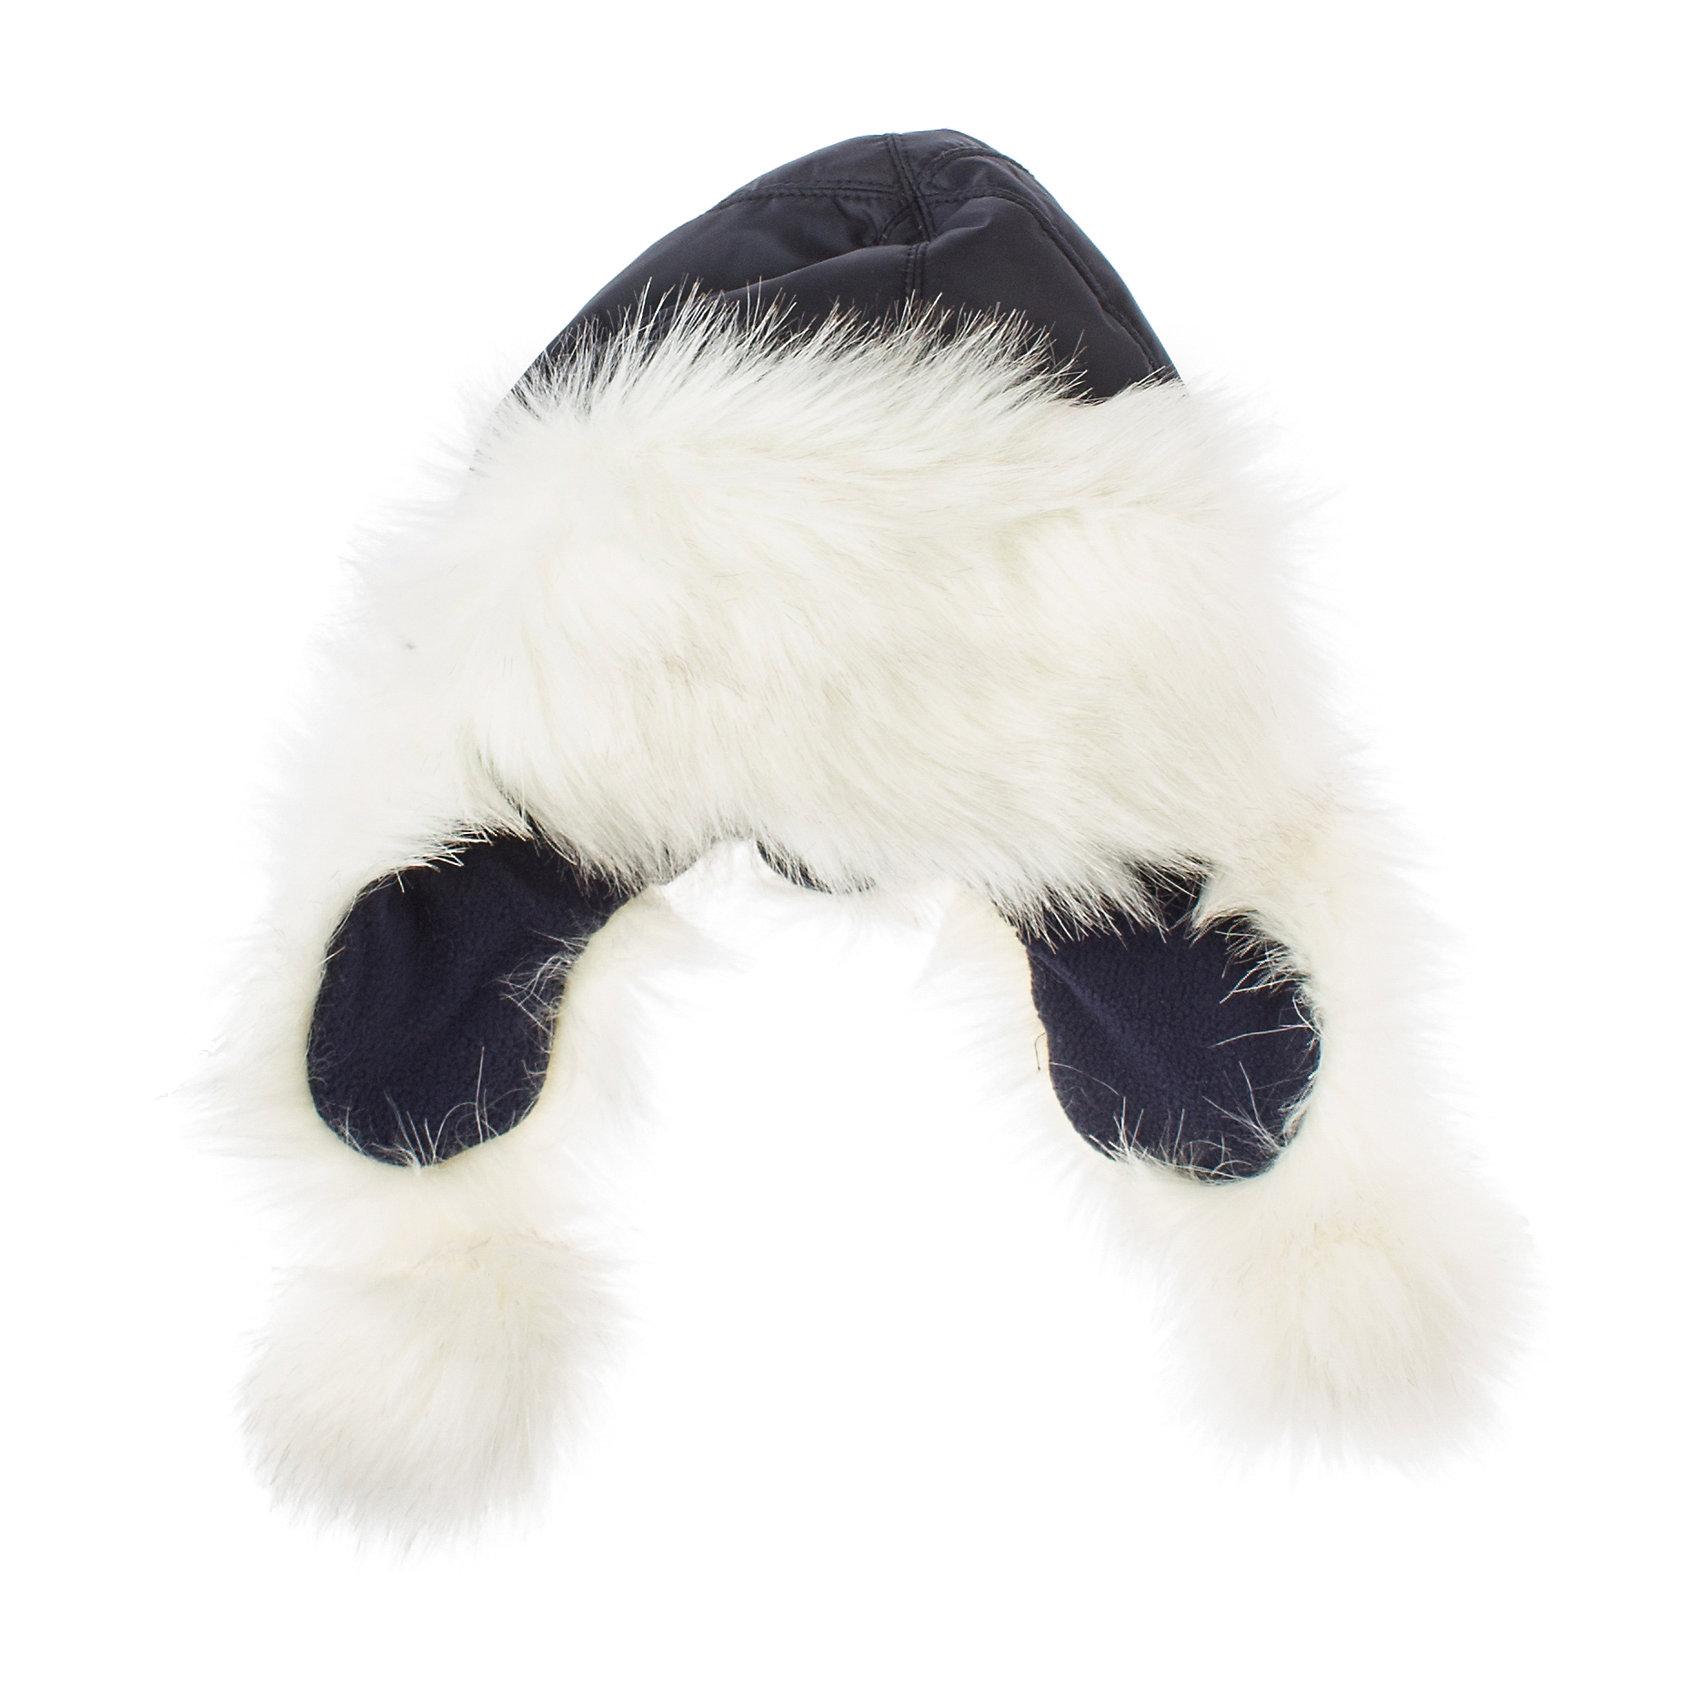 Шапка для девочки ScoolШапка для девочки Scool Теплая шапка на подкладке из флиса. Выполнена в стиле шапки-ушанки. Украшена искусственным мехом. Состав: Верх: 100% полиэстер, Подкладка: 100% полиэстер, Утеплитель: 100% полиэстер<br><br>Ширина мм: 89<br>Глубина мм: 117<br>Высота мм: 44<br>Вес г: 155<br>Цвет: разноцветный<br>Возраст от месяцев: 108<br>Возраст до месяцев: 132<br>Пол: Женский<br>Возраст: Детский<br>Размер: 54,56<br>SKU: 4228356